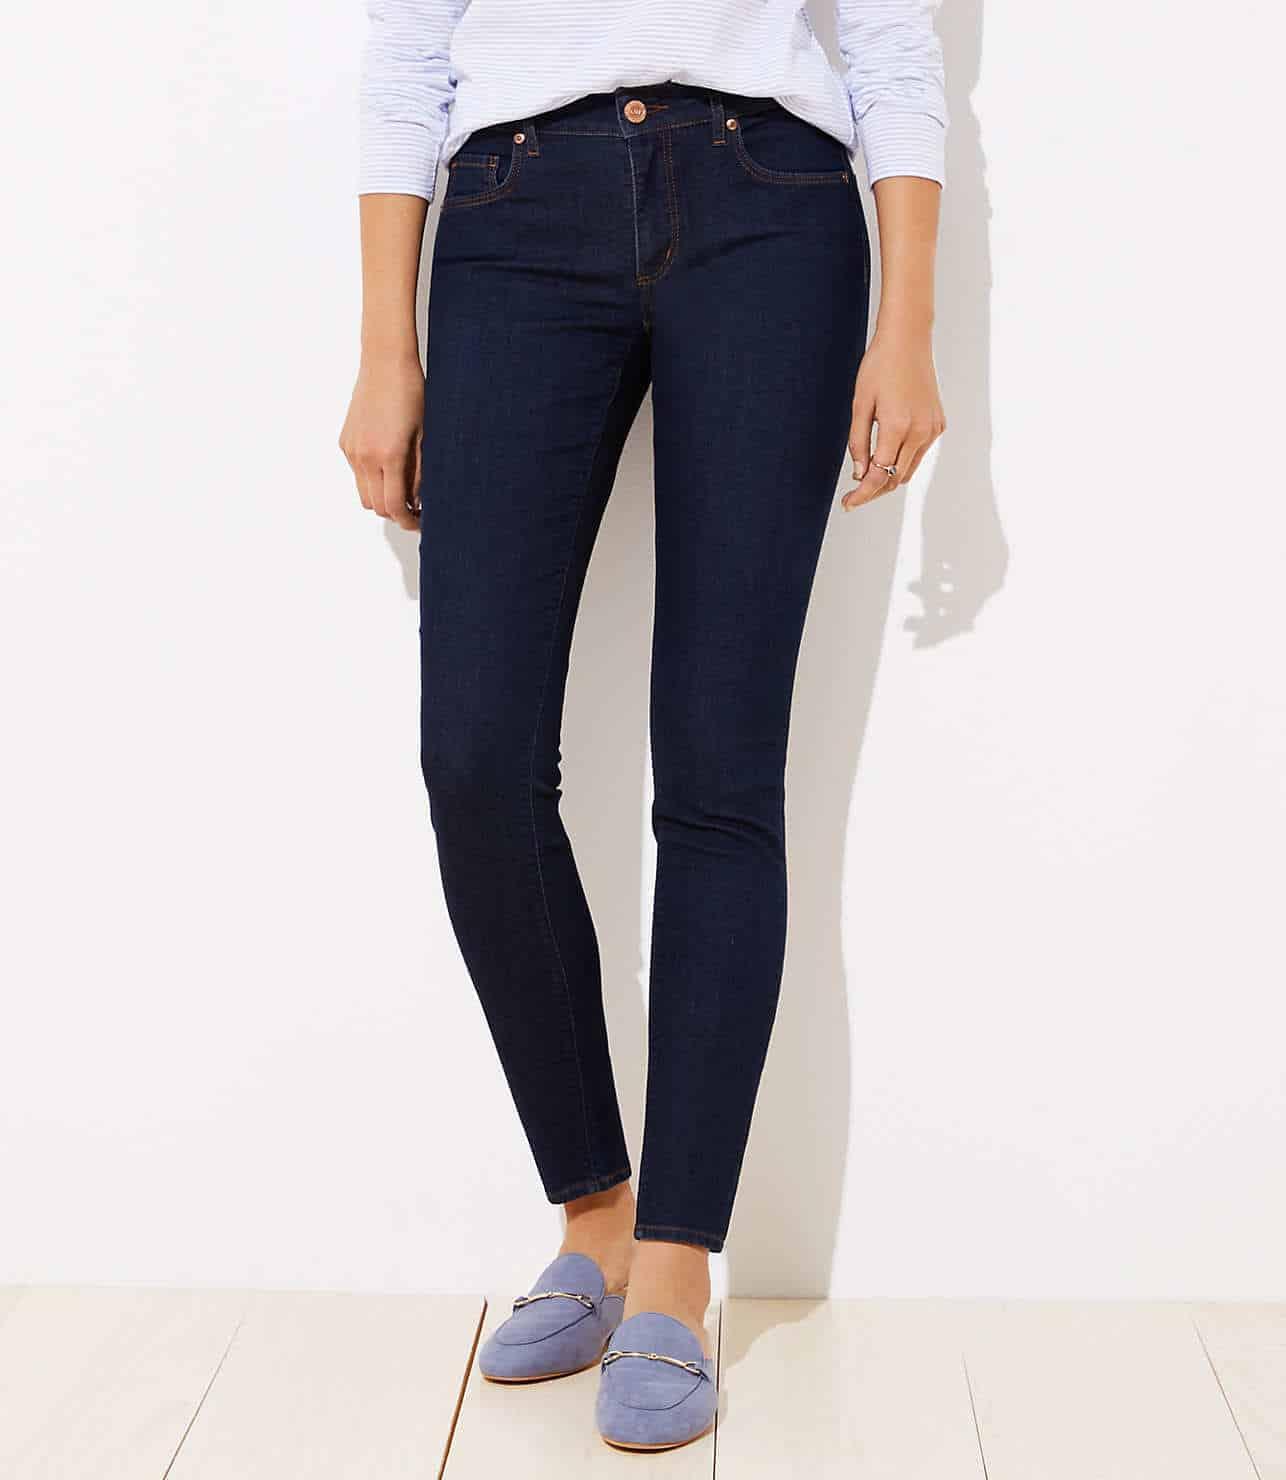 skinny jeans in dark wash